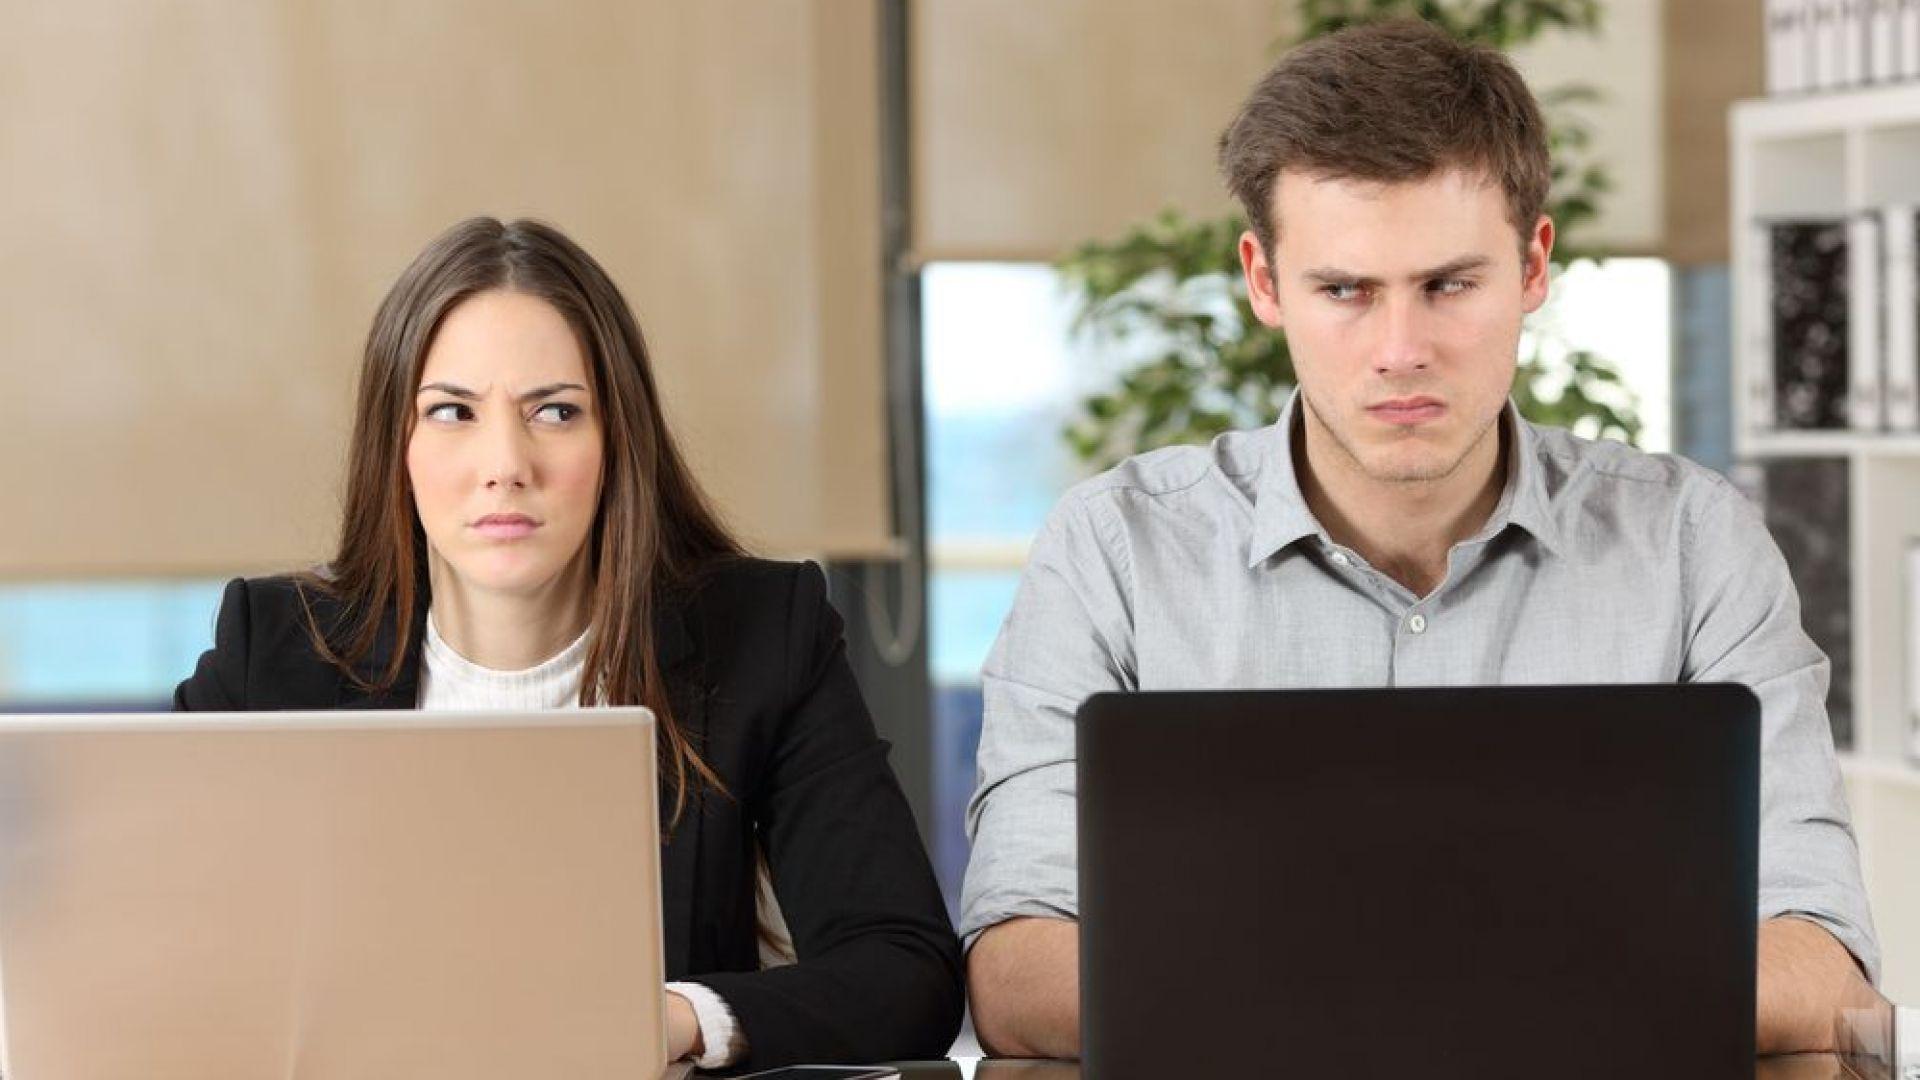 8 начина да разберете, че срещу вас стои лош човек